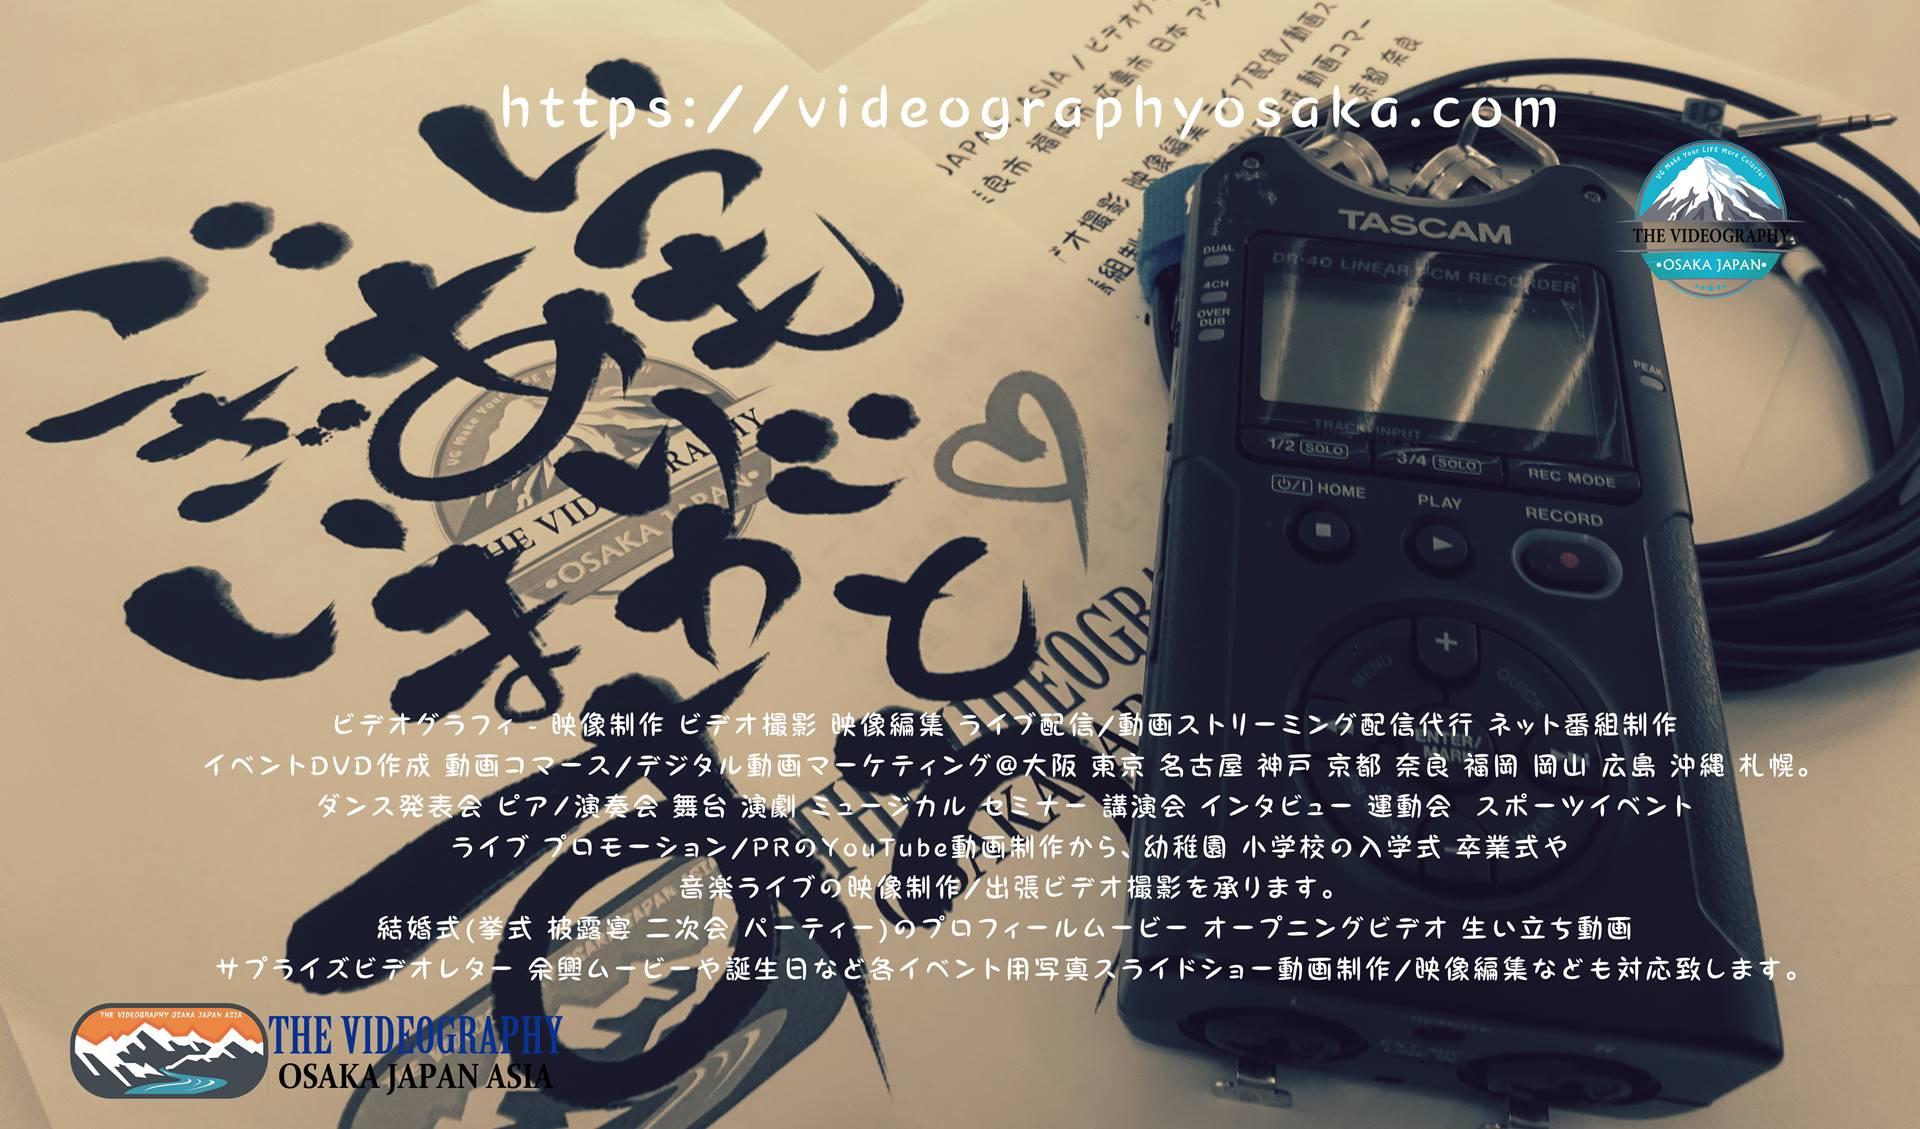 ICレコーダーでの音声収録・アフレコ アテレコ